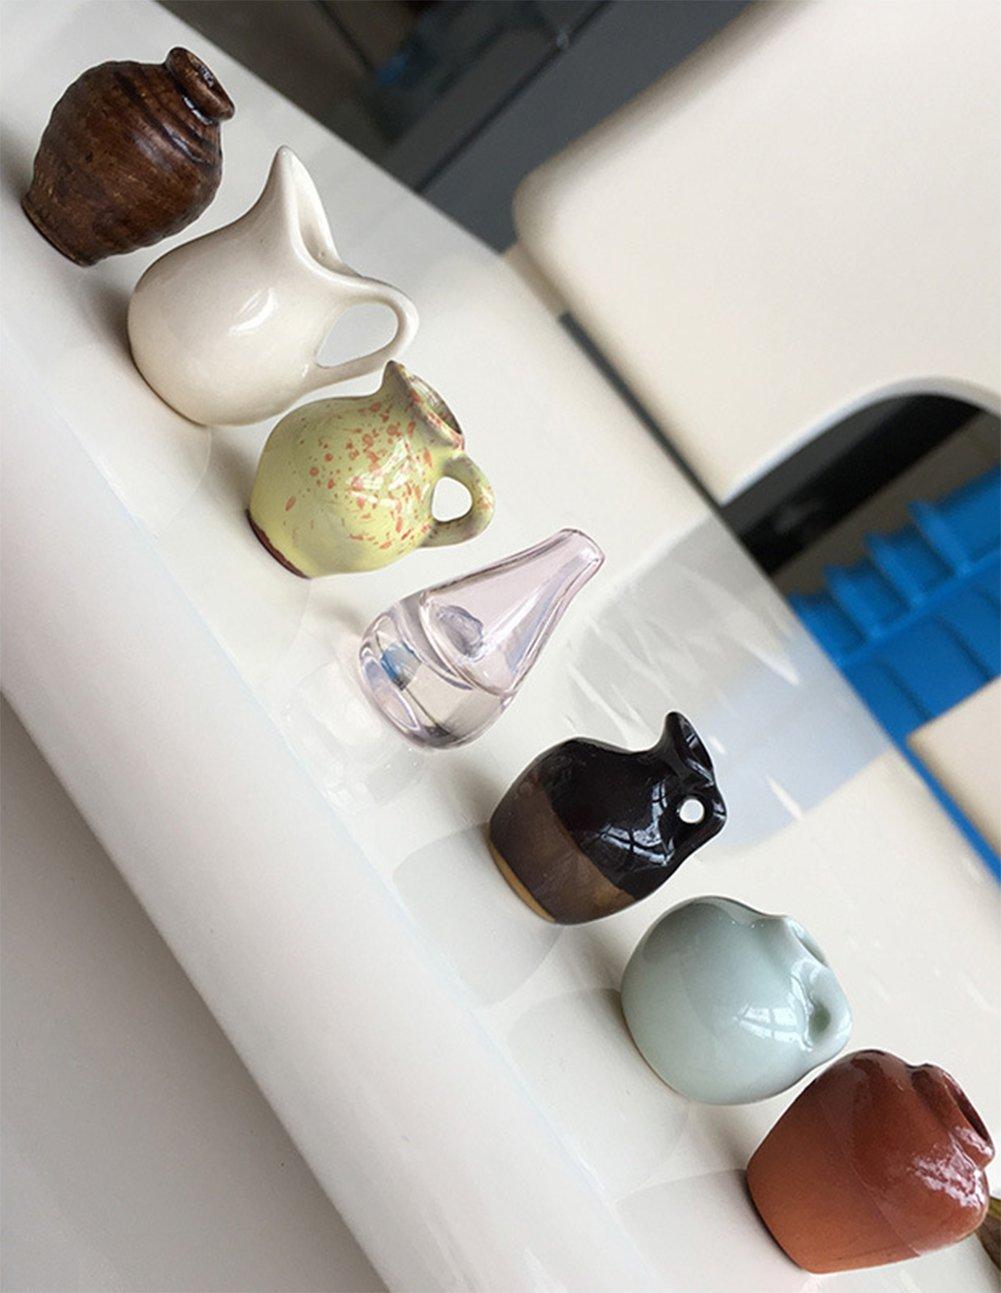 Cdet Creativo de Vidrio refrigerador Pegatinas Mini Vaso de Goma de cer/ámica Retro Chino Viento refrigerador adsorci/ón Pegatinas Negro